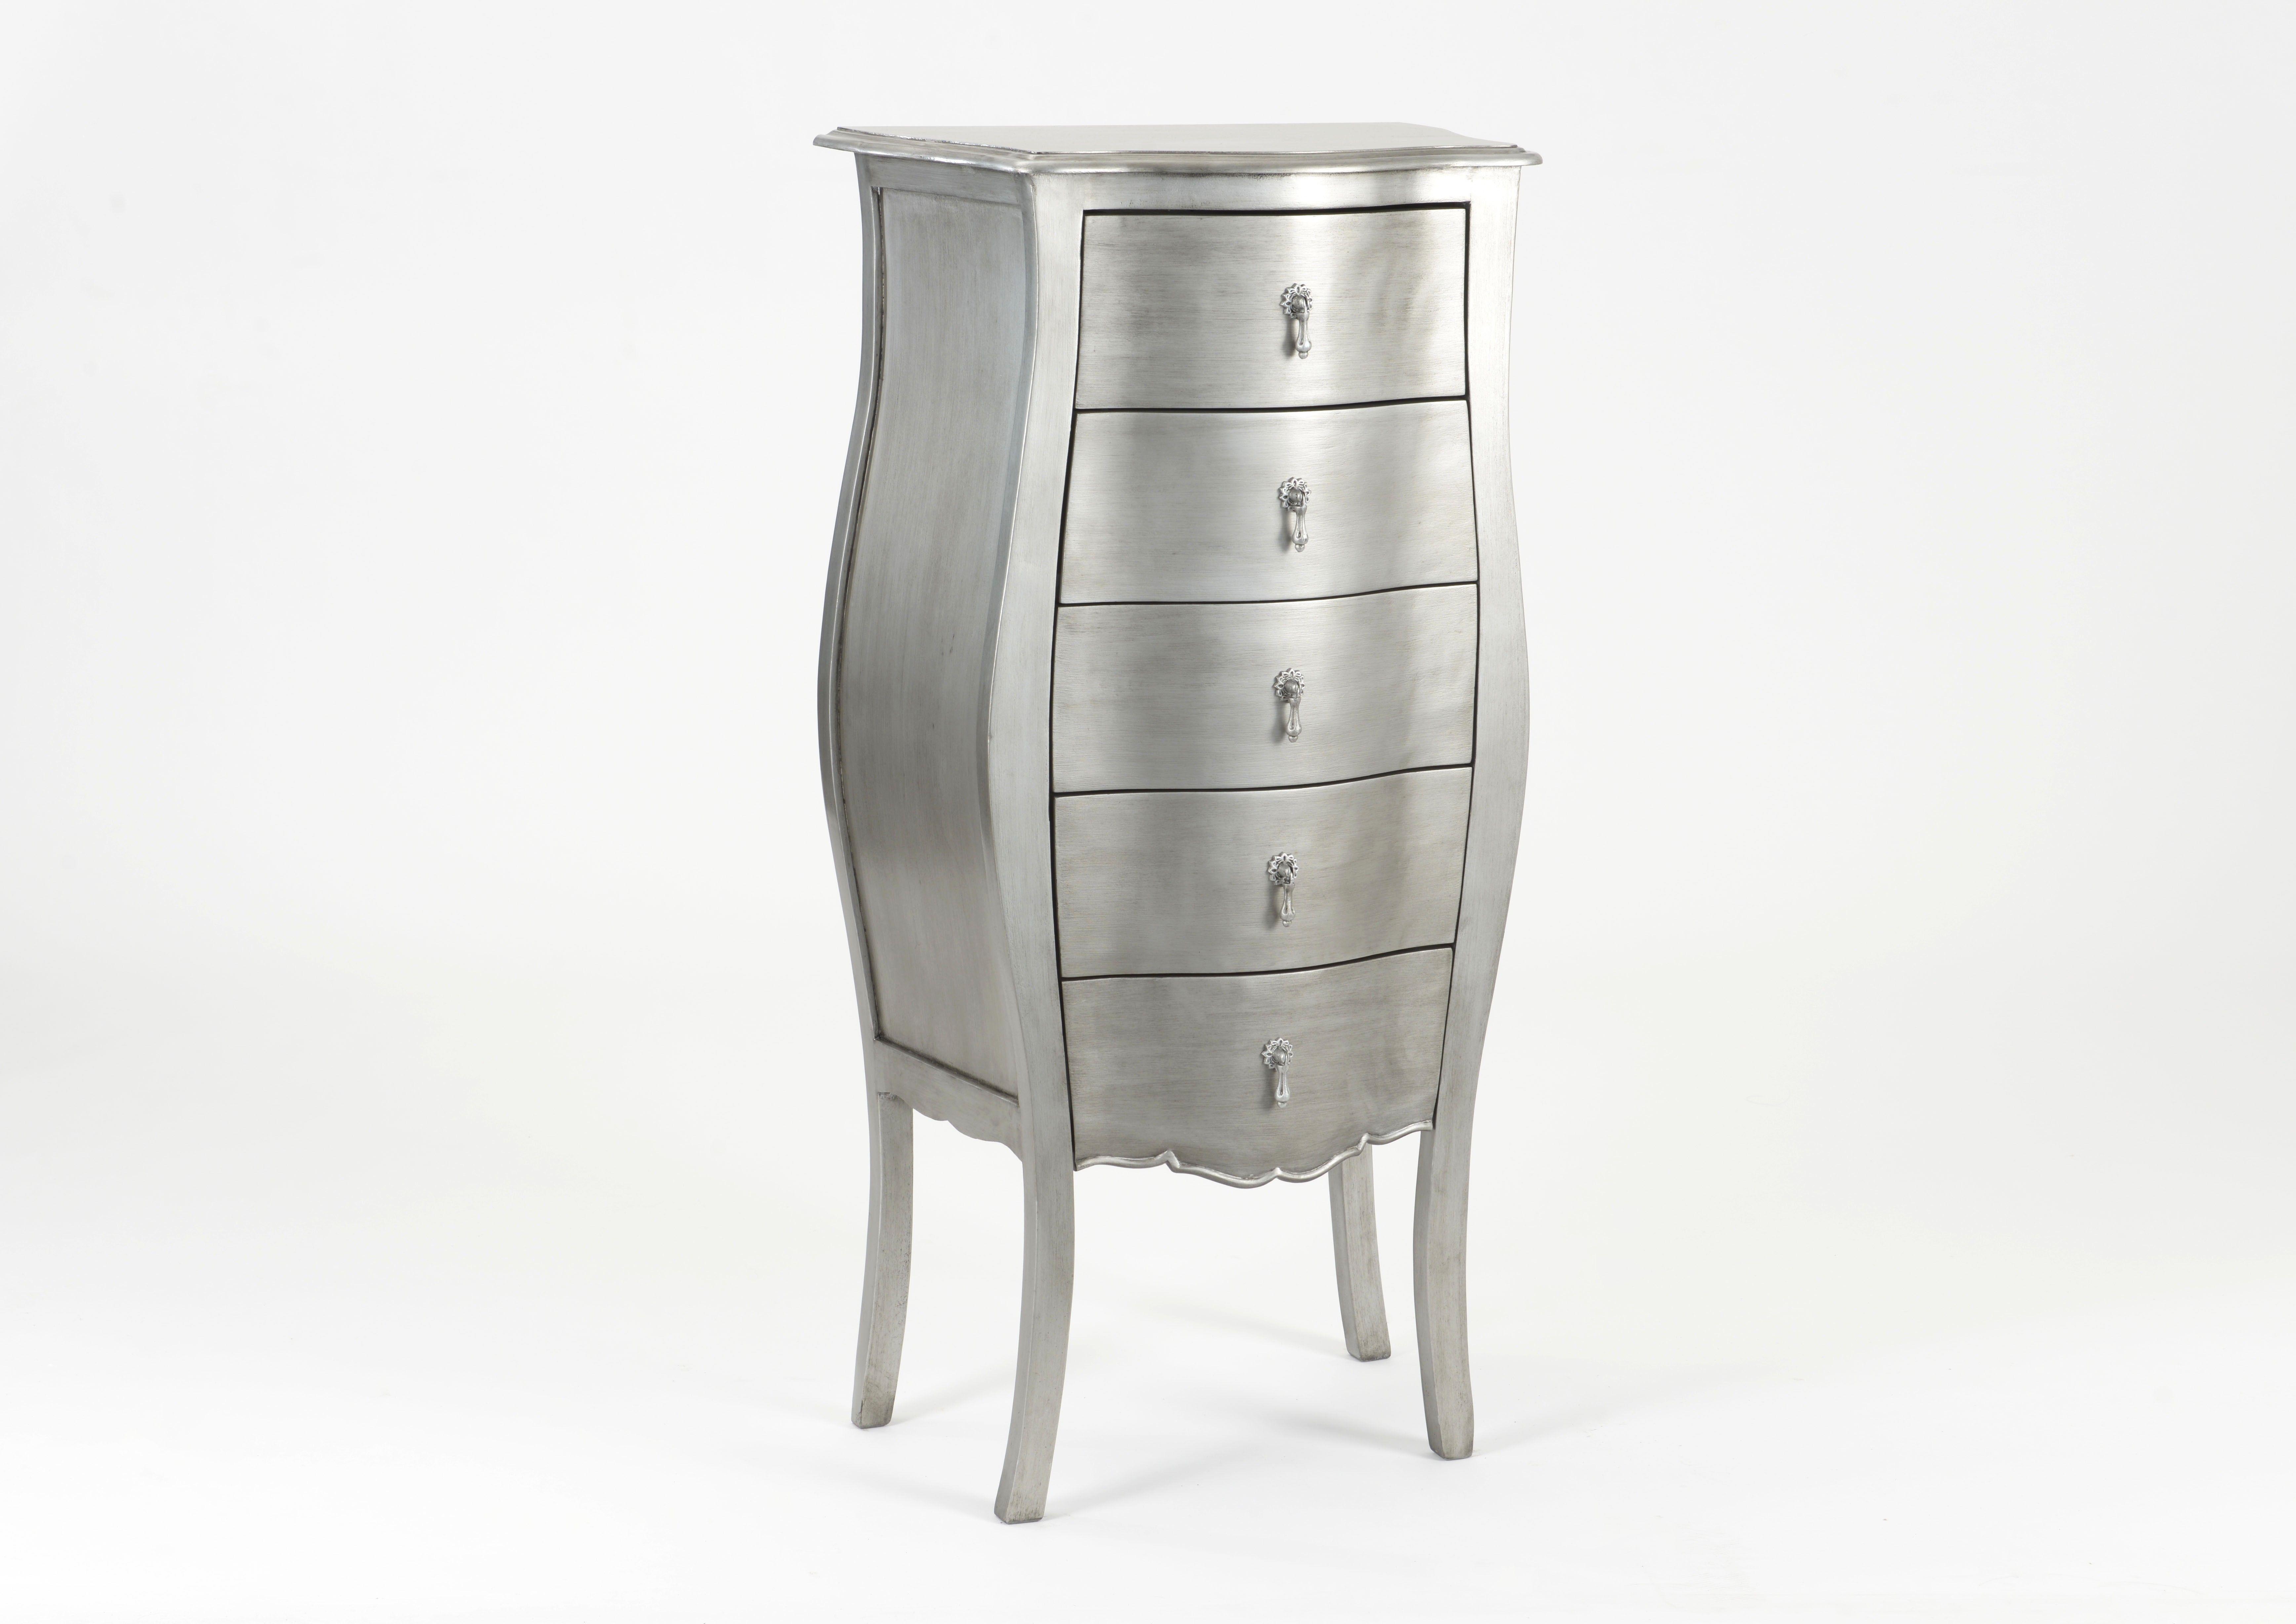 meuble en bois brut a peindre pas cher gallery of finest albert tagre ikea bois non trait peut. Black Bedroom Furniture Sets. Home Design Ideas